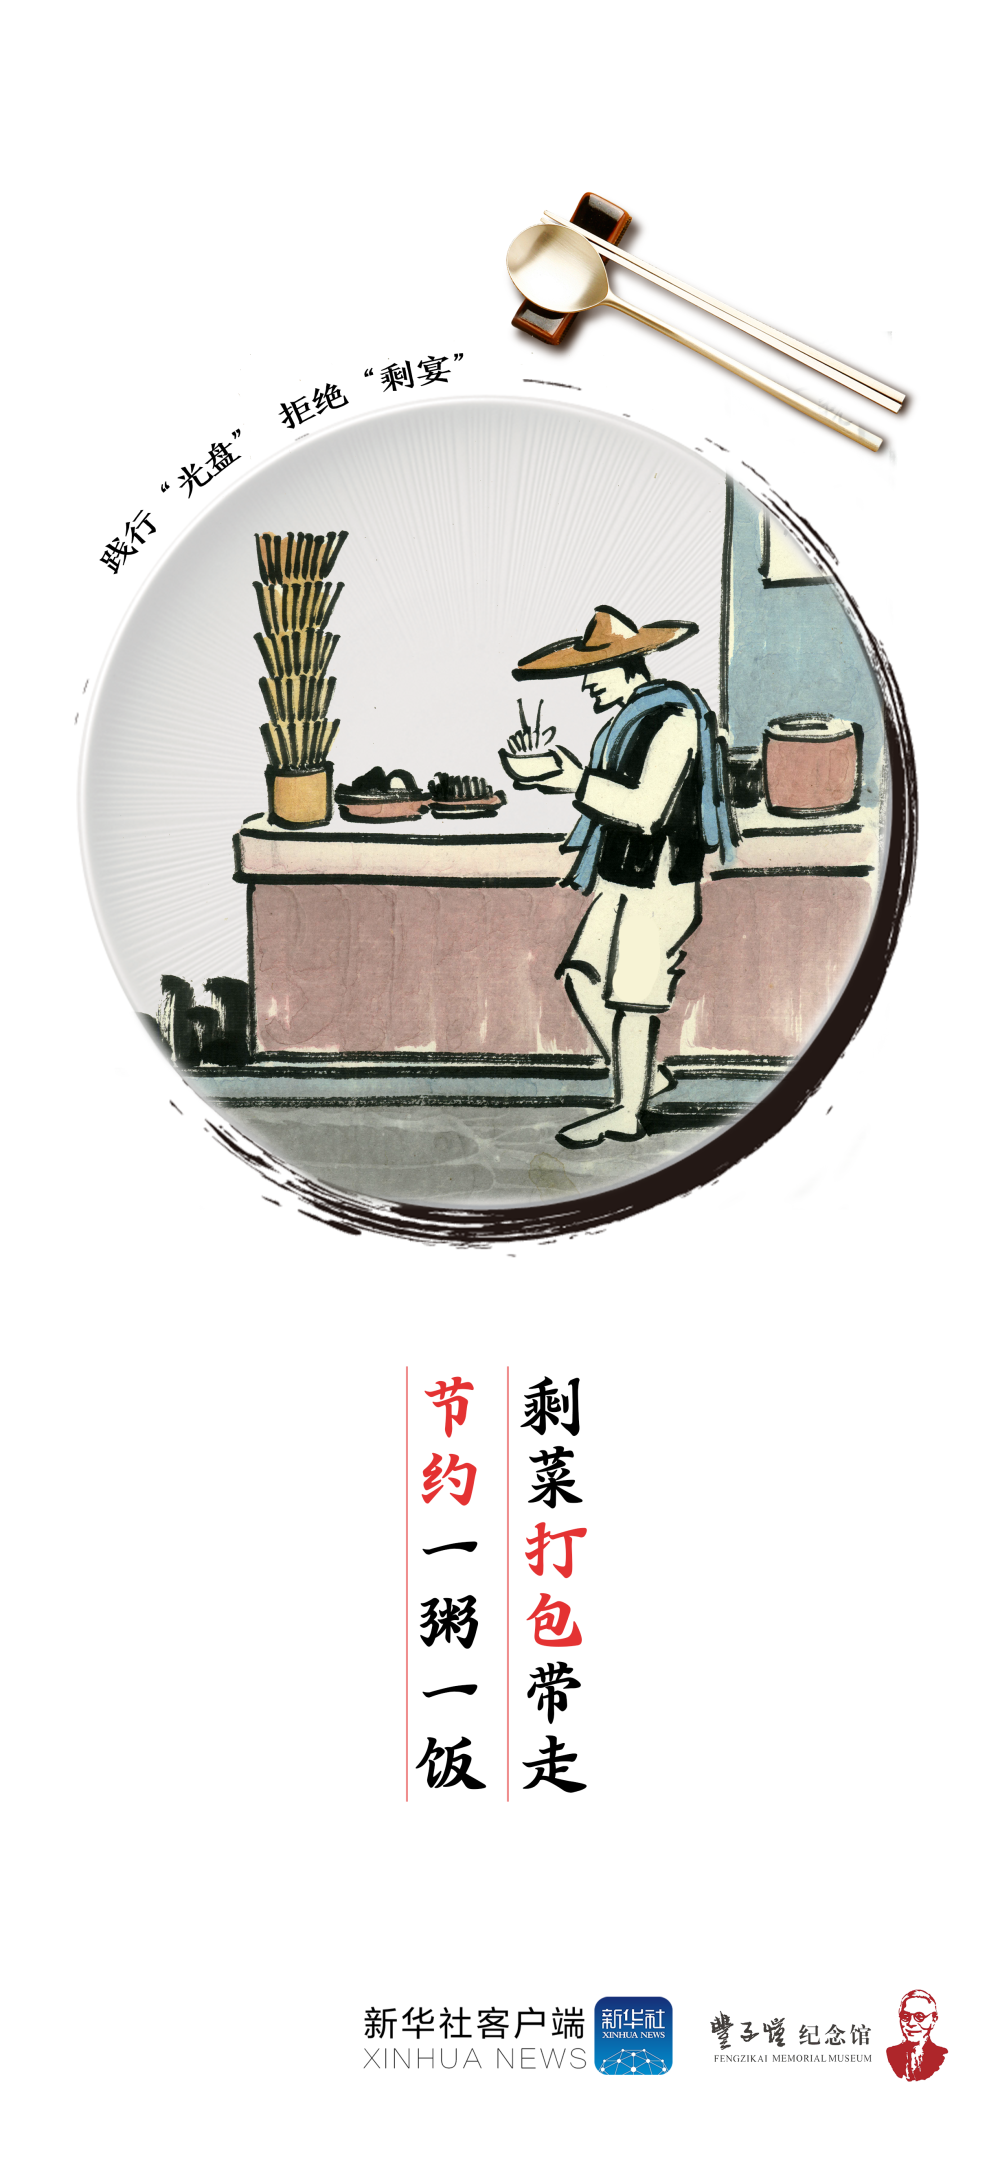 """@全体华师人 """"光盘""""行动,拒绝""""剩宴"""" 人人有责!"""